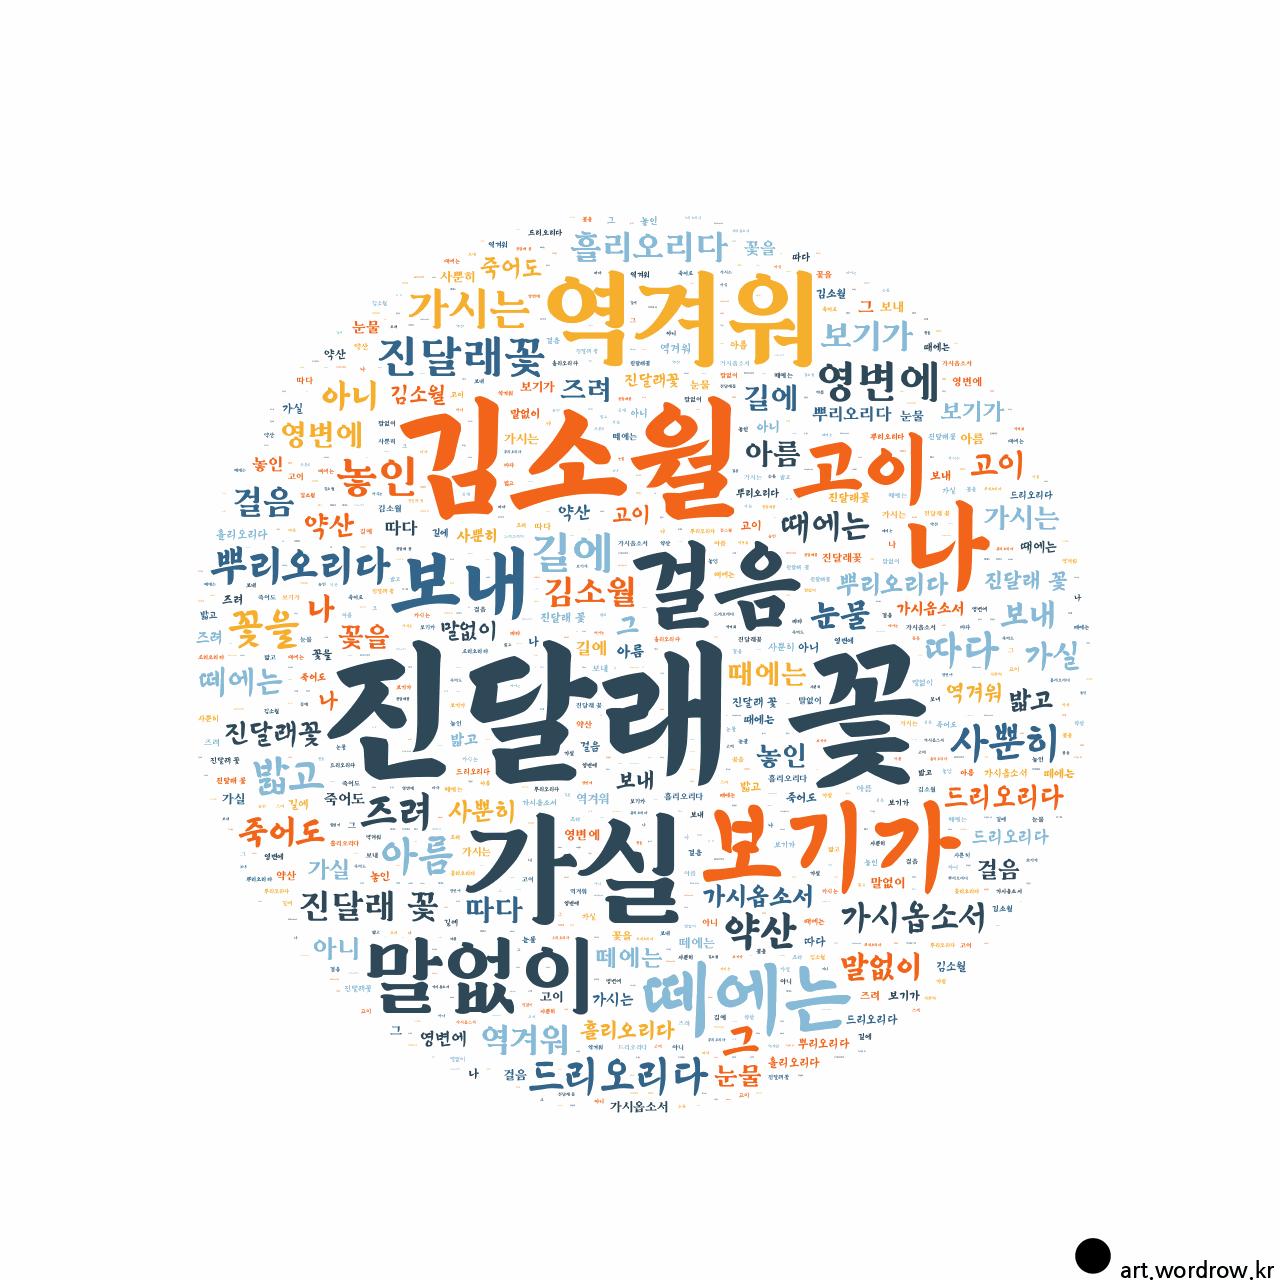 워드 클라우드: 진달래 꽃 [김소월]-52